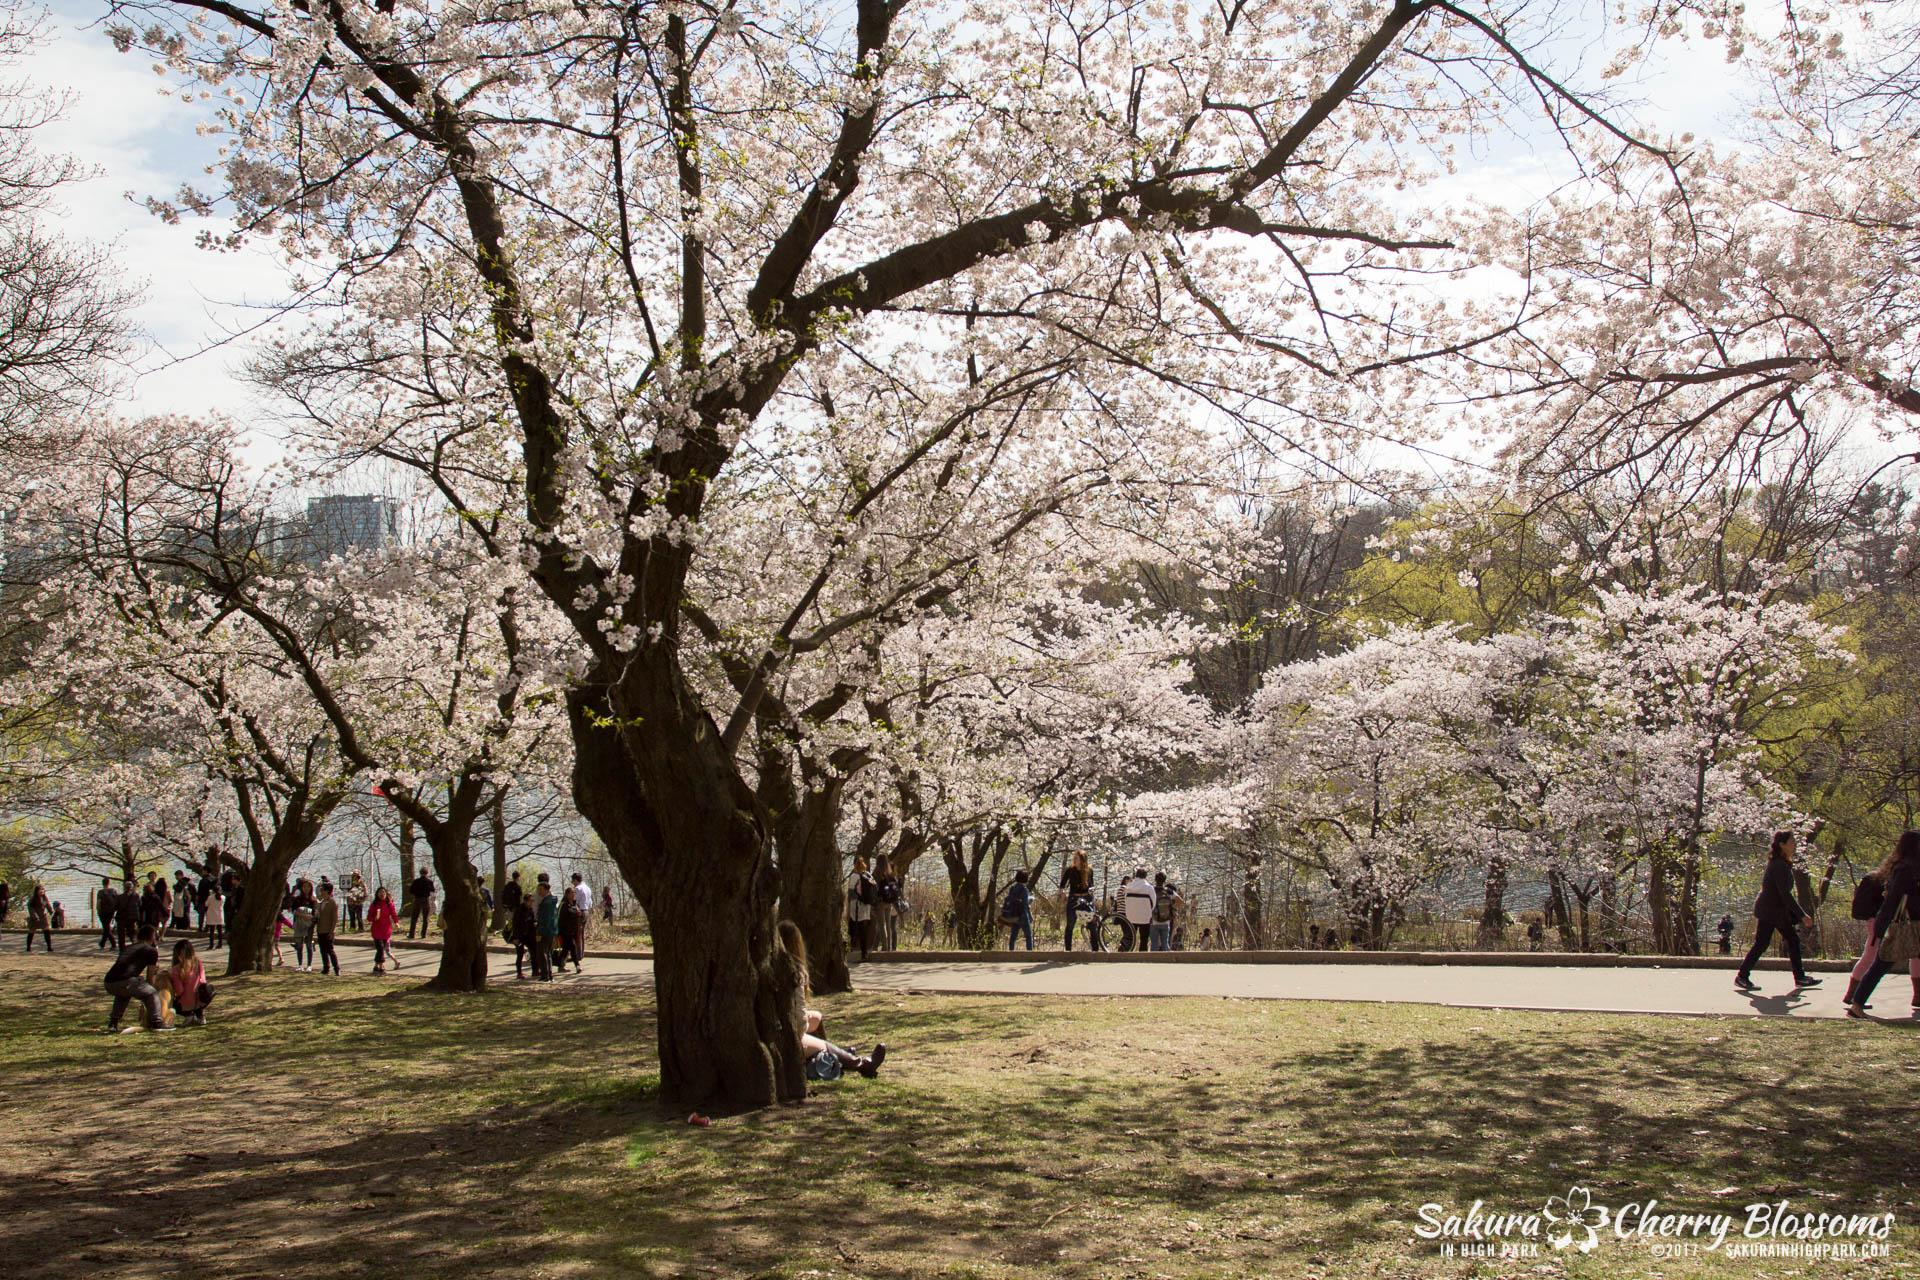 Sakura-Watch-April-28-2017-full-bloom-throughout-High-Park-5726.jpg